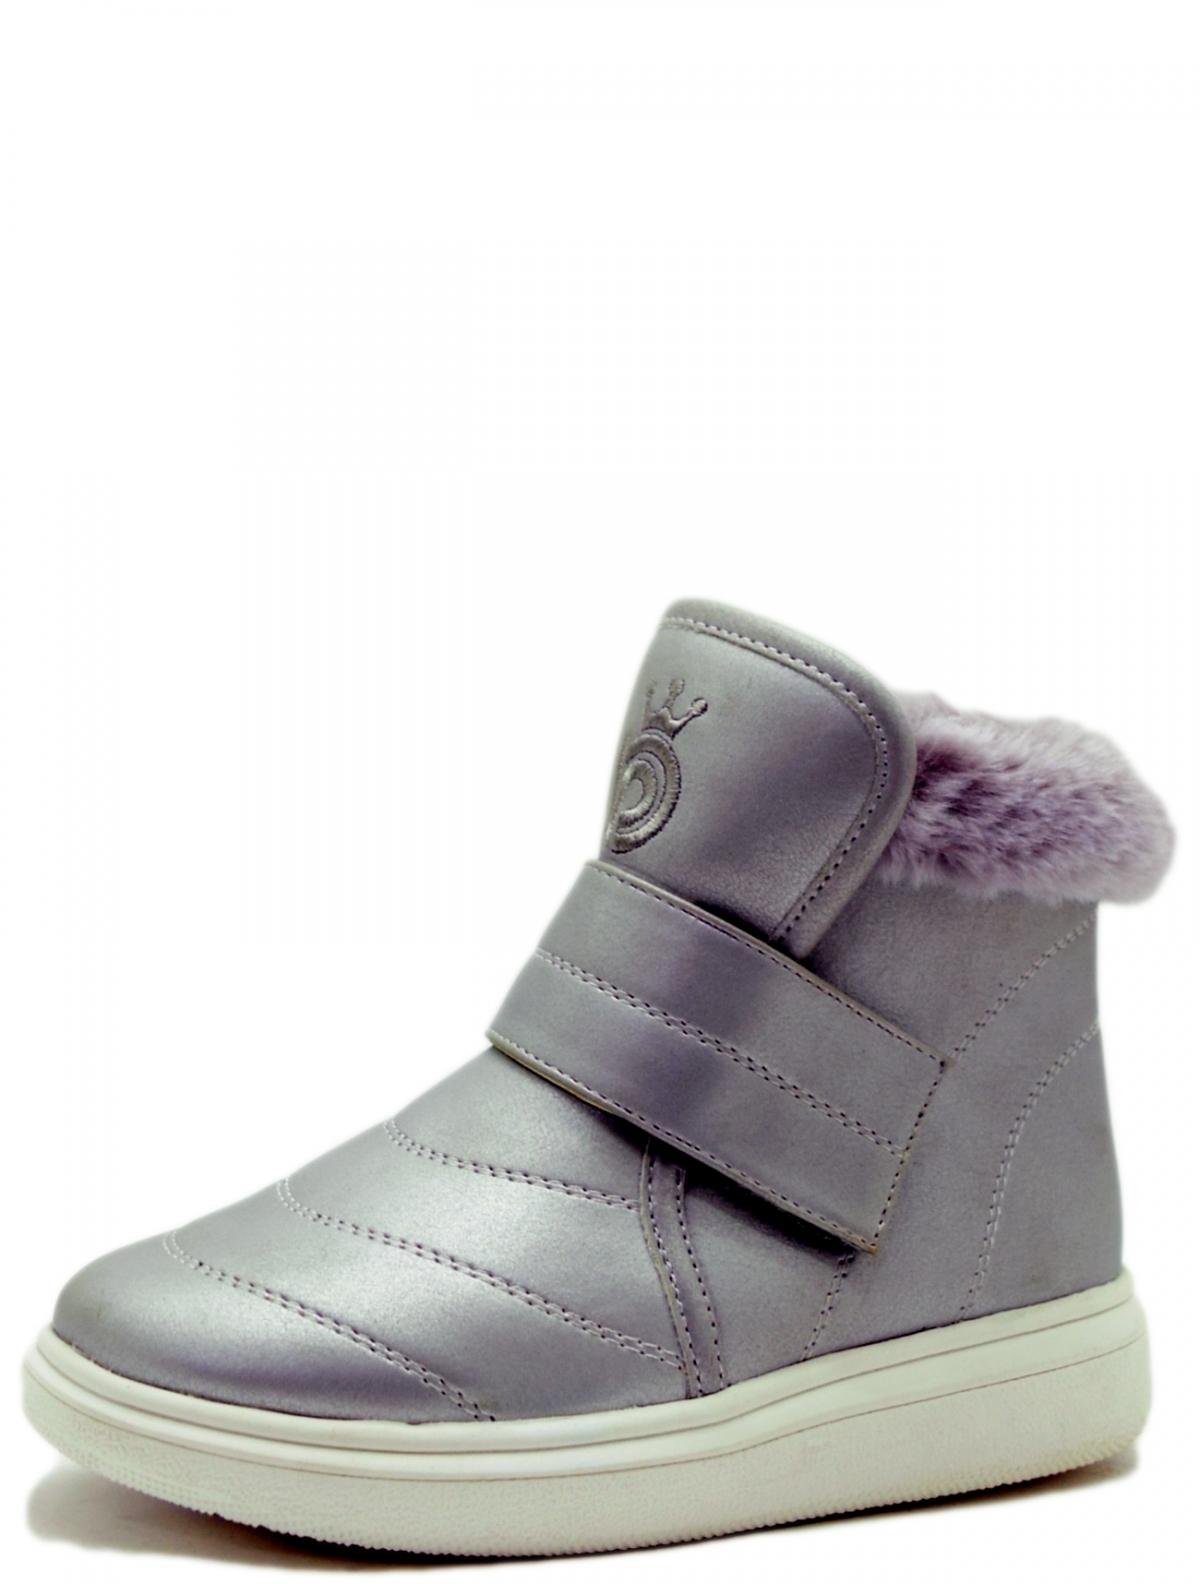 978527/06-03 ботинки для девочки